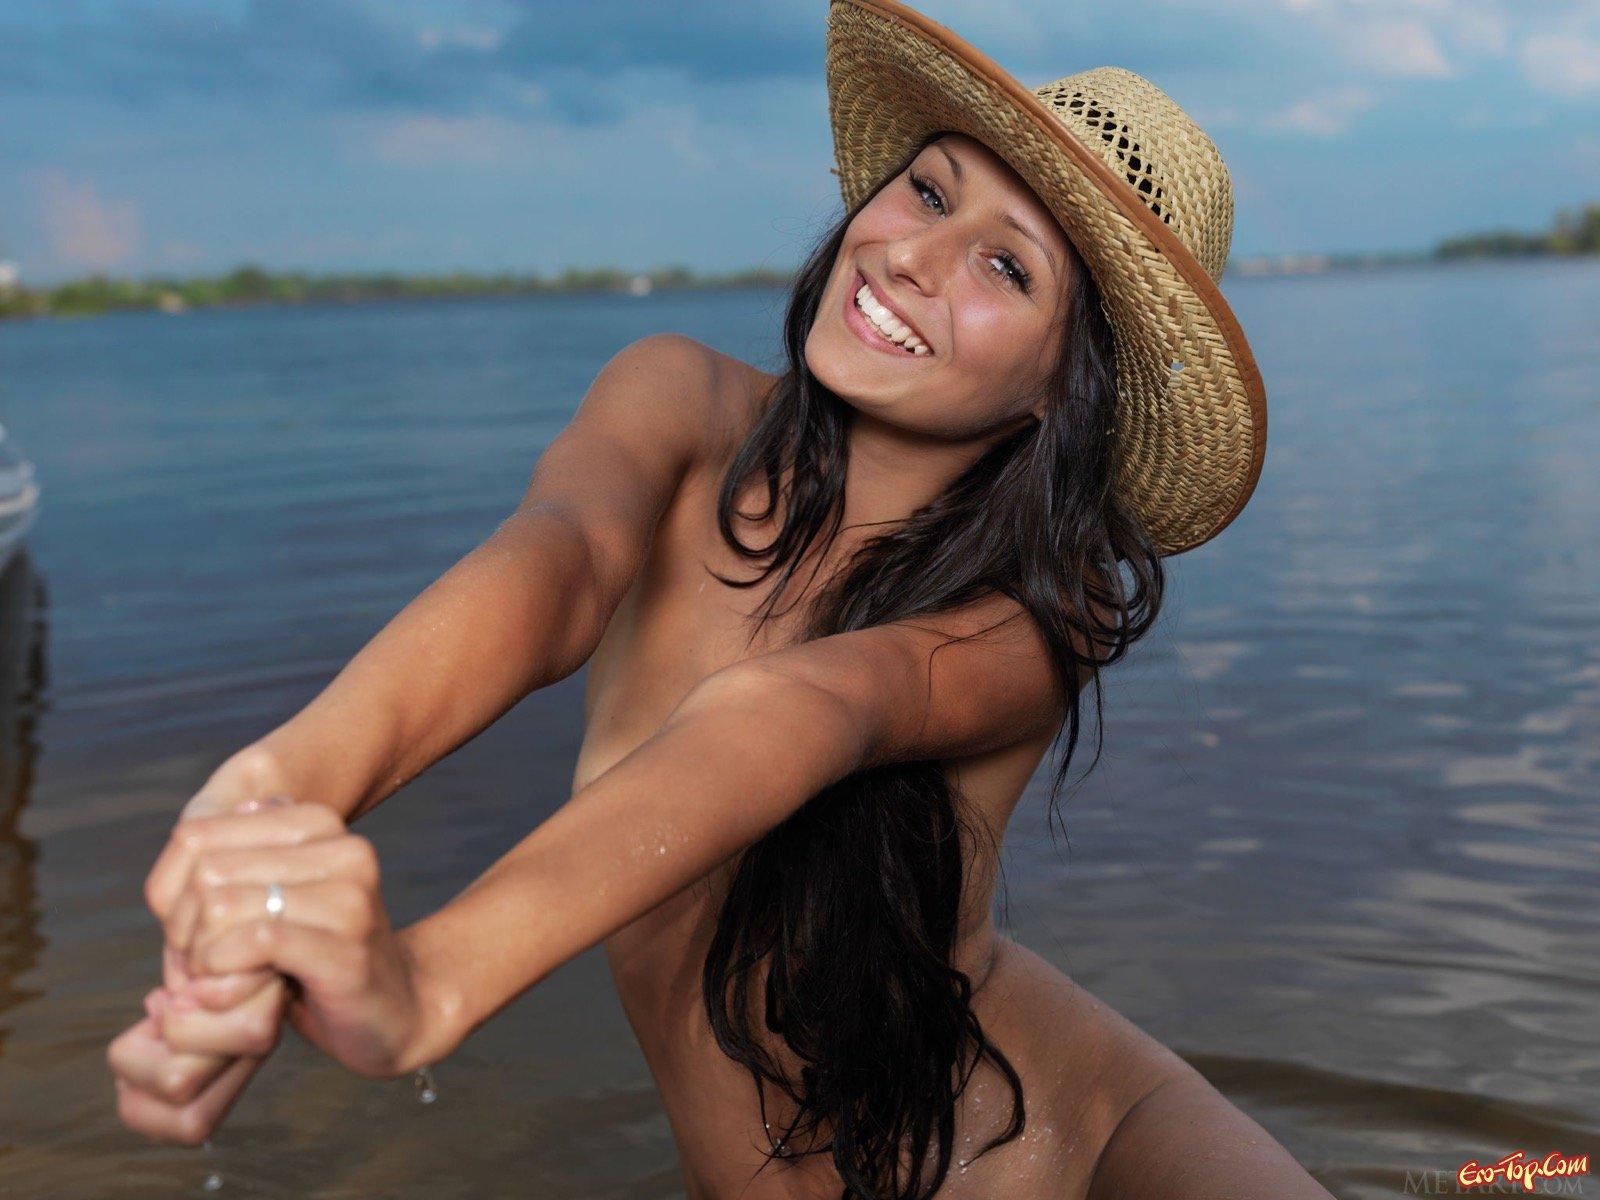 Раздетая девушка в шляпе намочила попку в речке